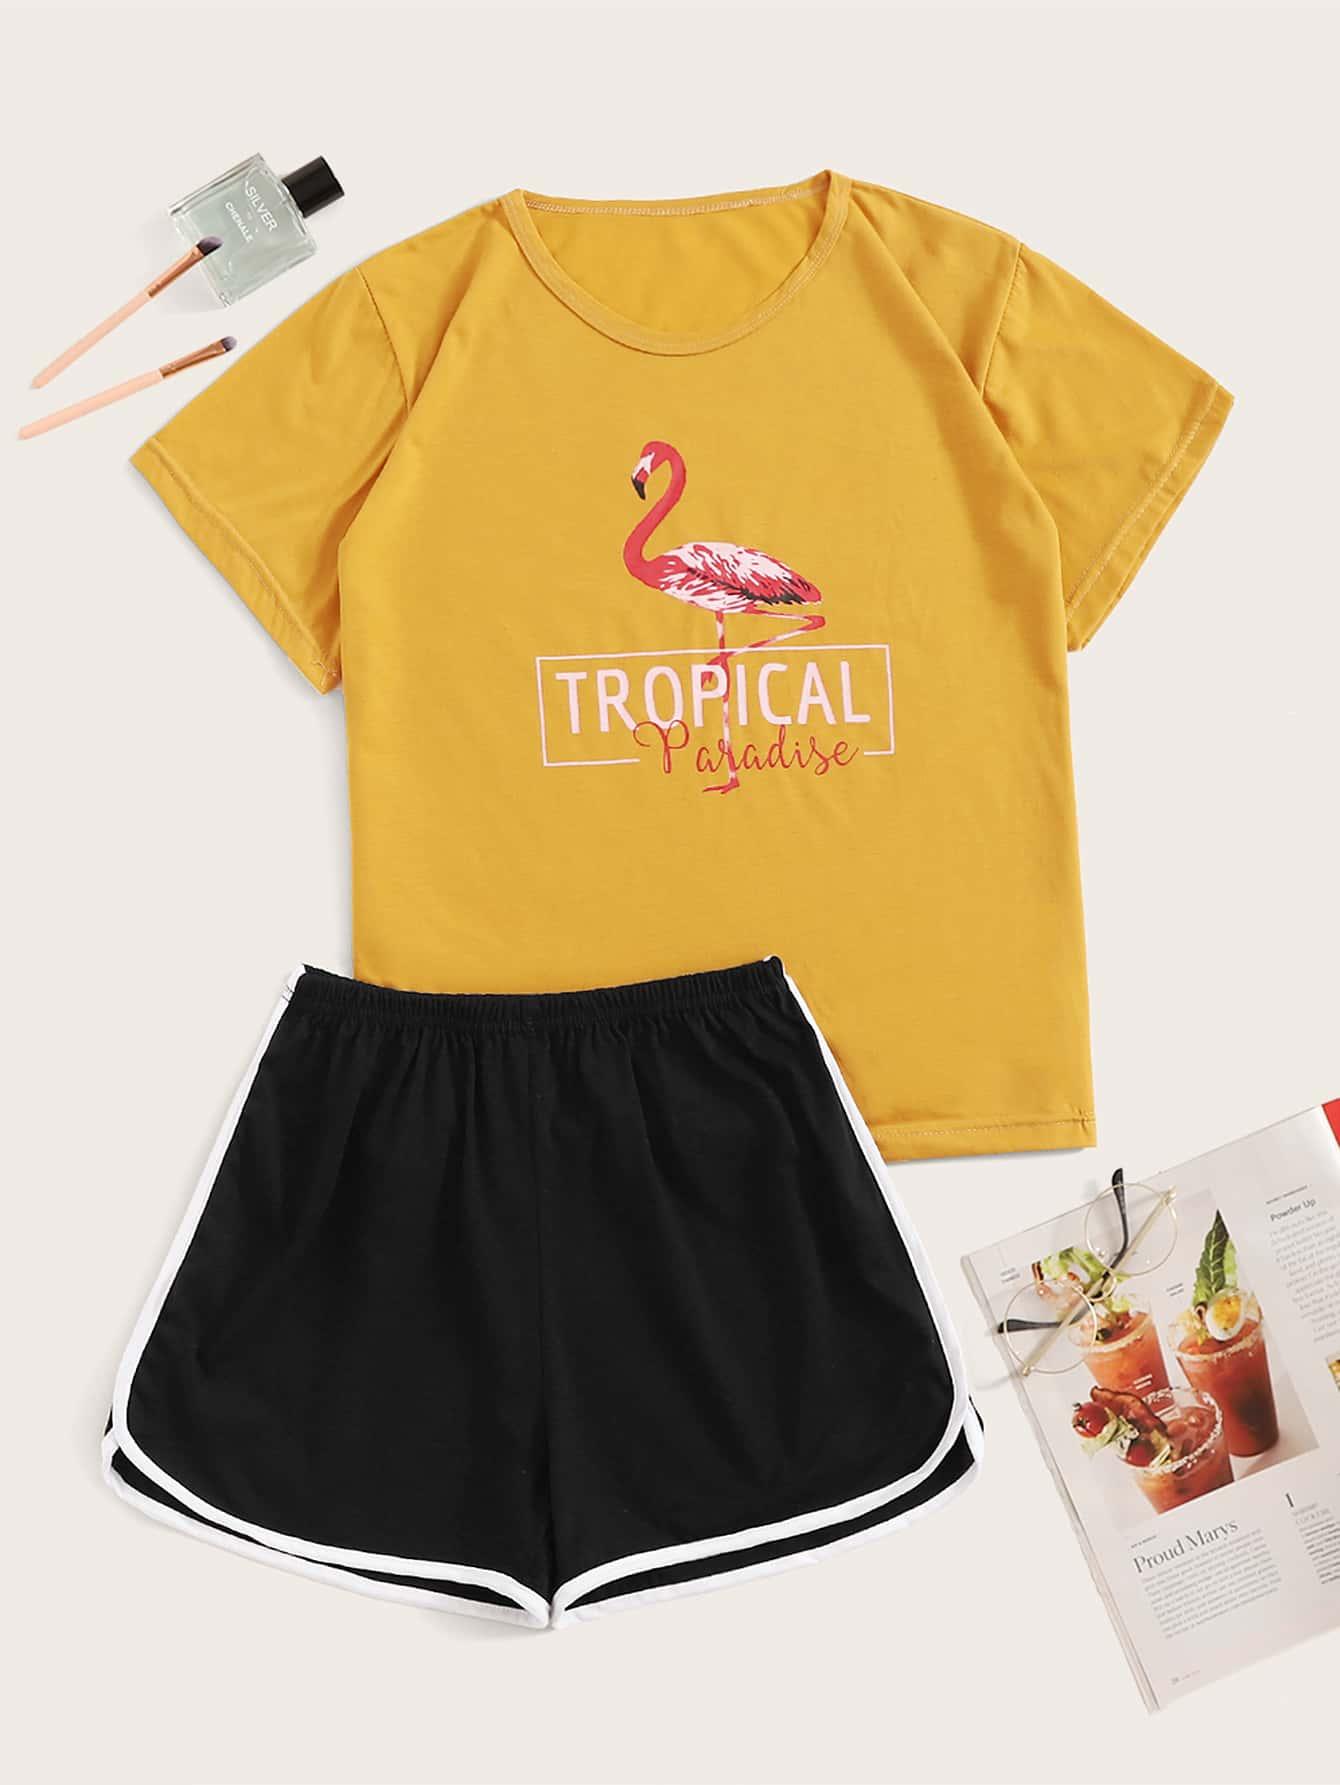 Фото - Пижама с текстовым и графическим принтом от SheIn цвет многоцветный